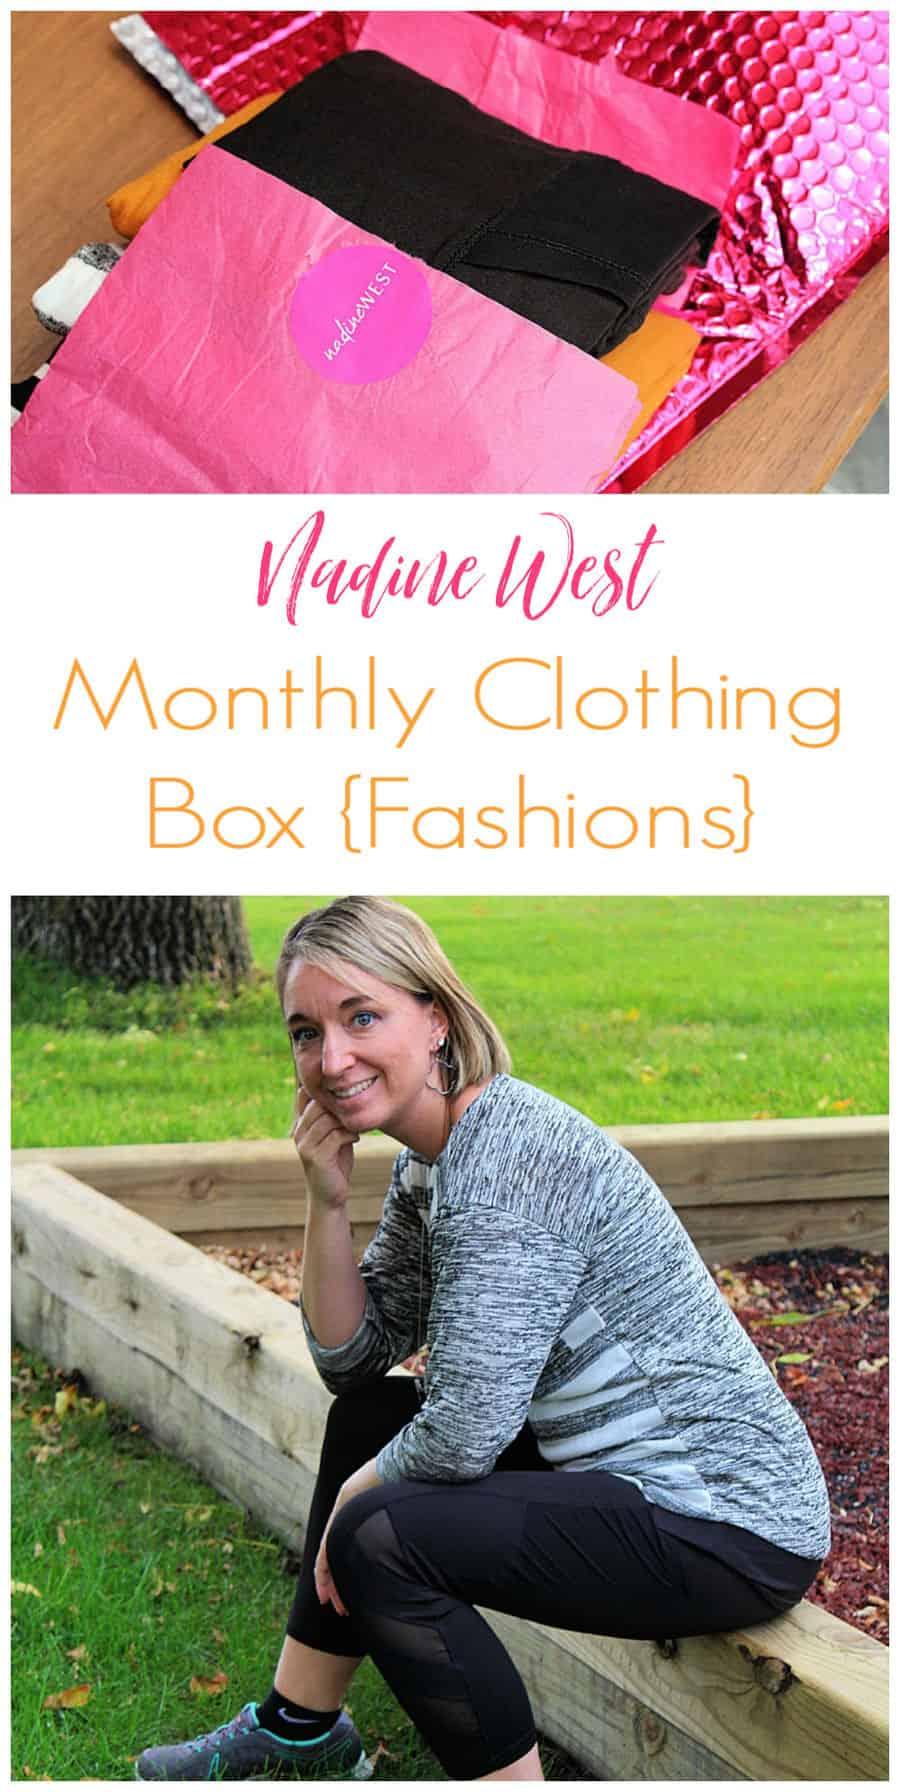 Nadine West Monthly Clothing Box {Fashions}